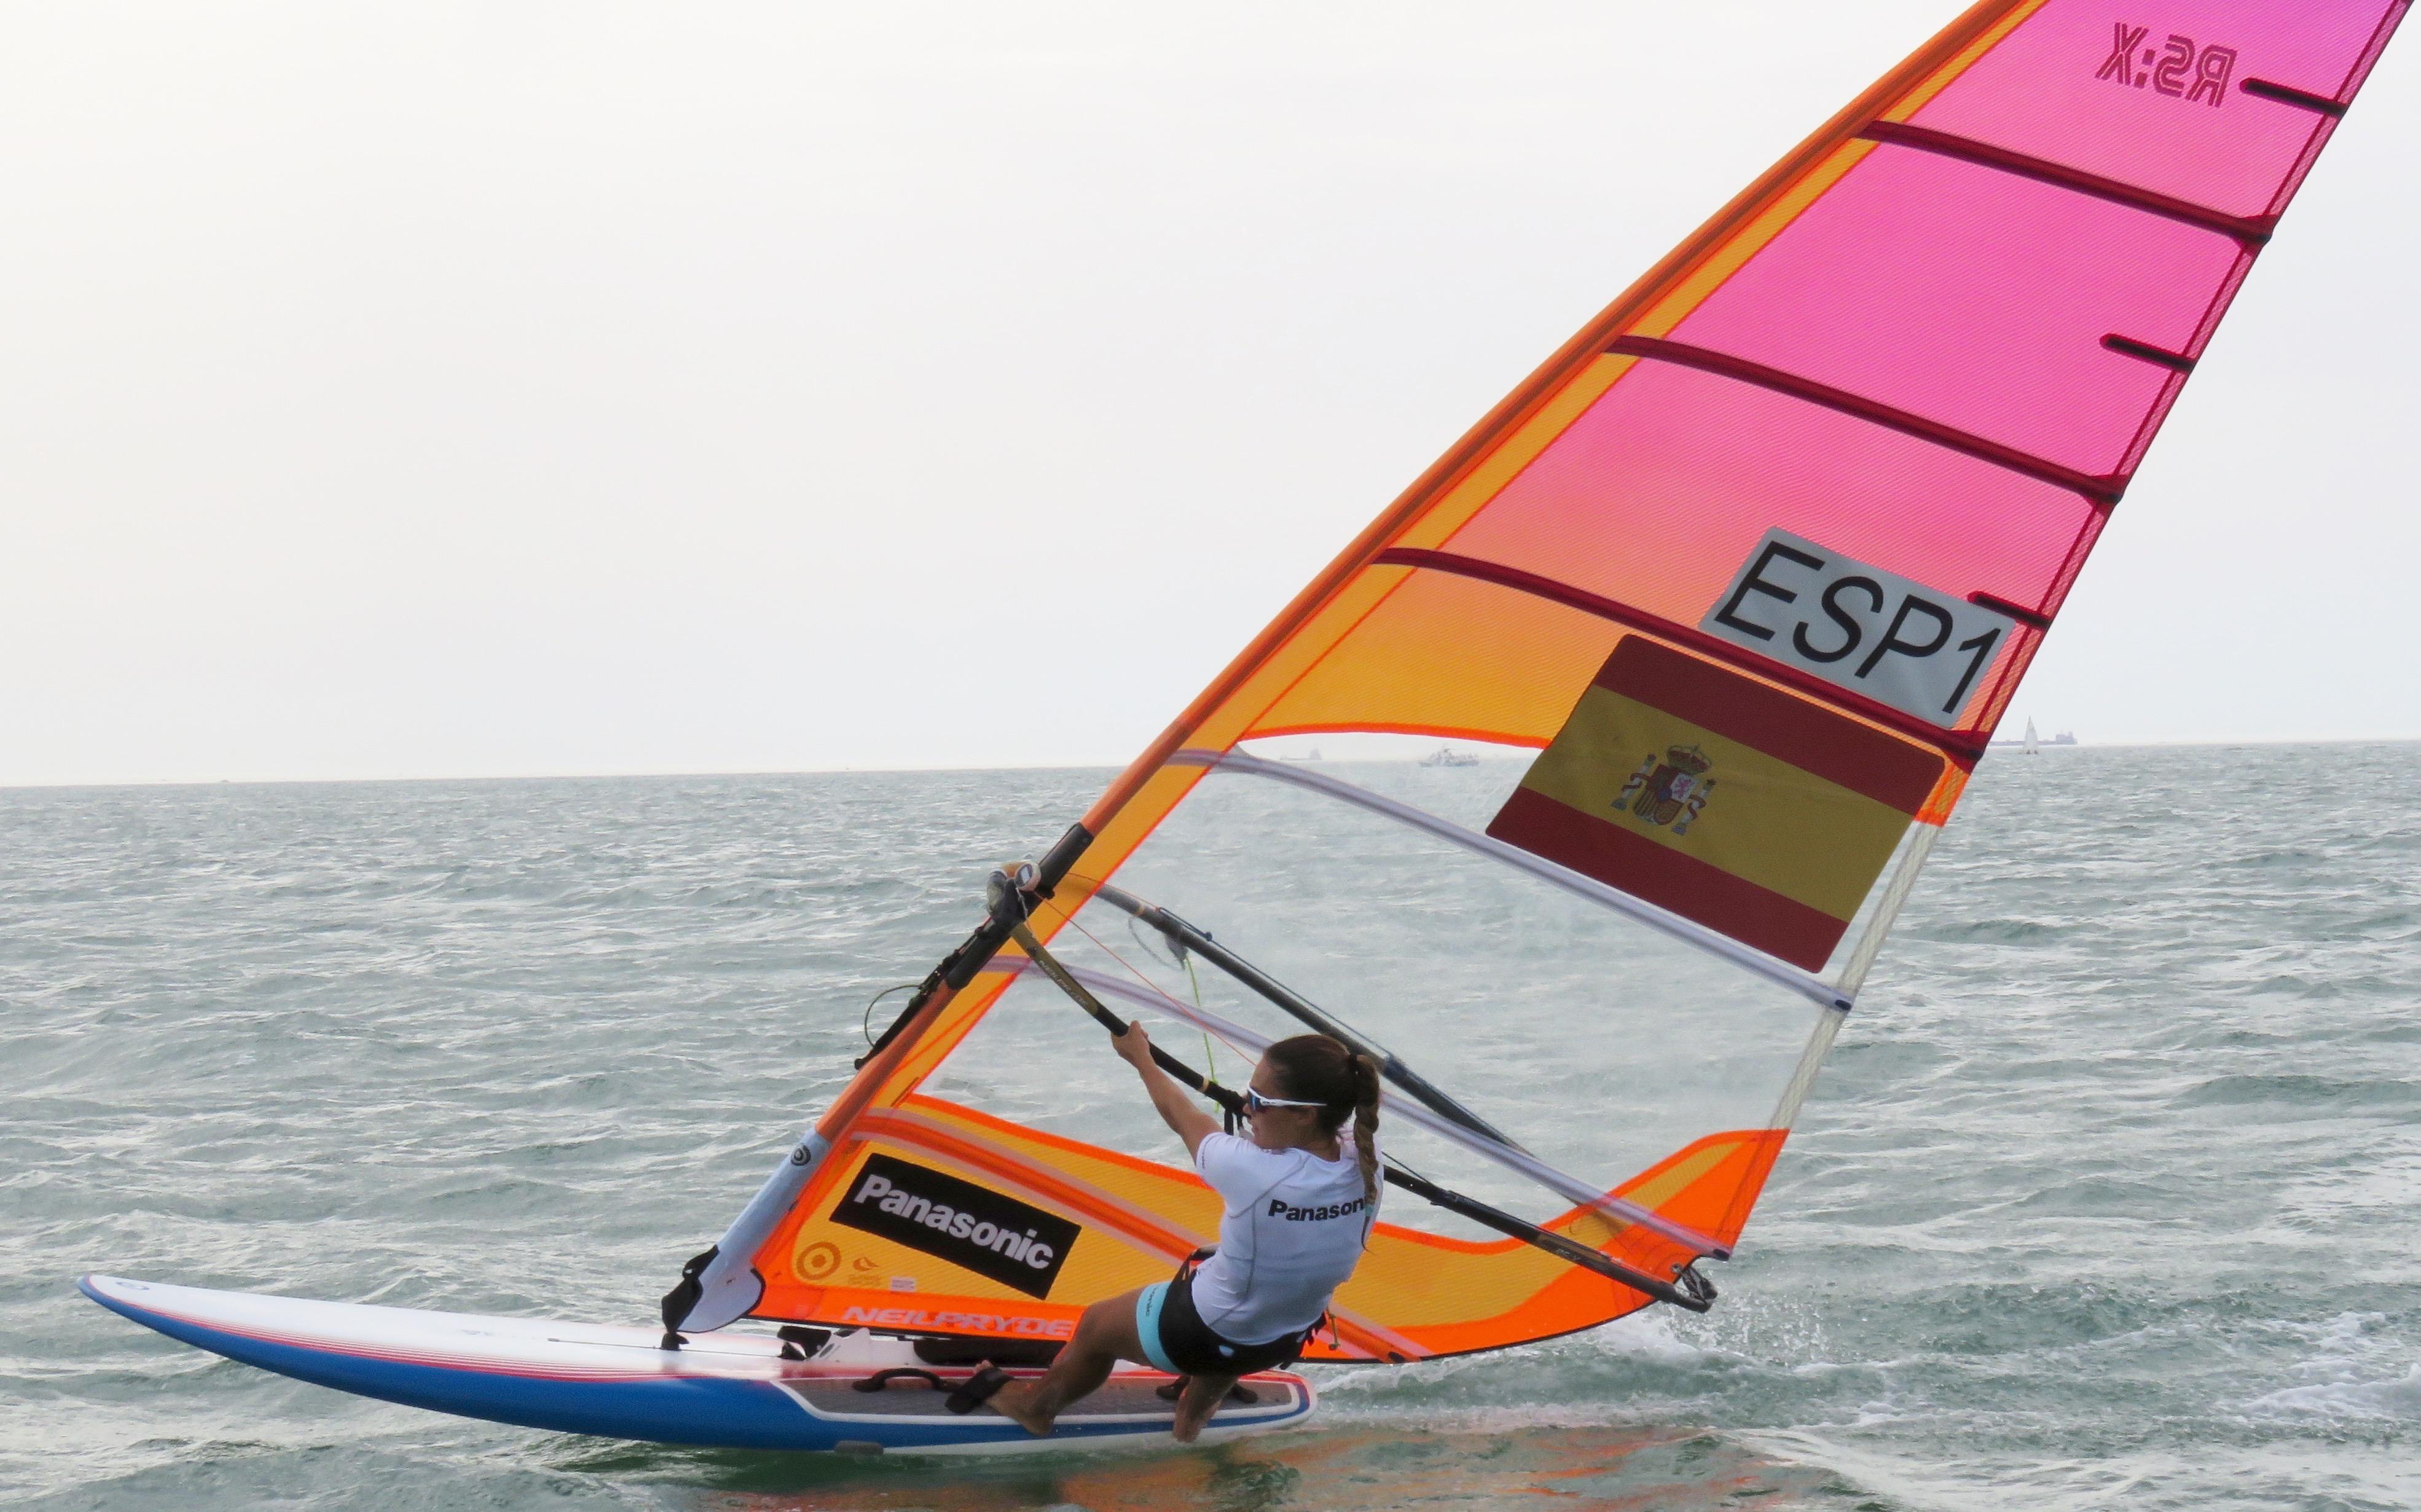 Apostamos por la campeona mundial de windsurf: Blanca Manchón